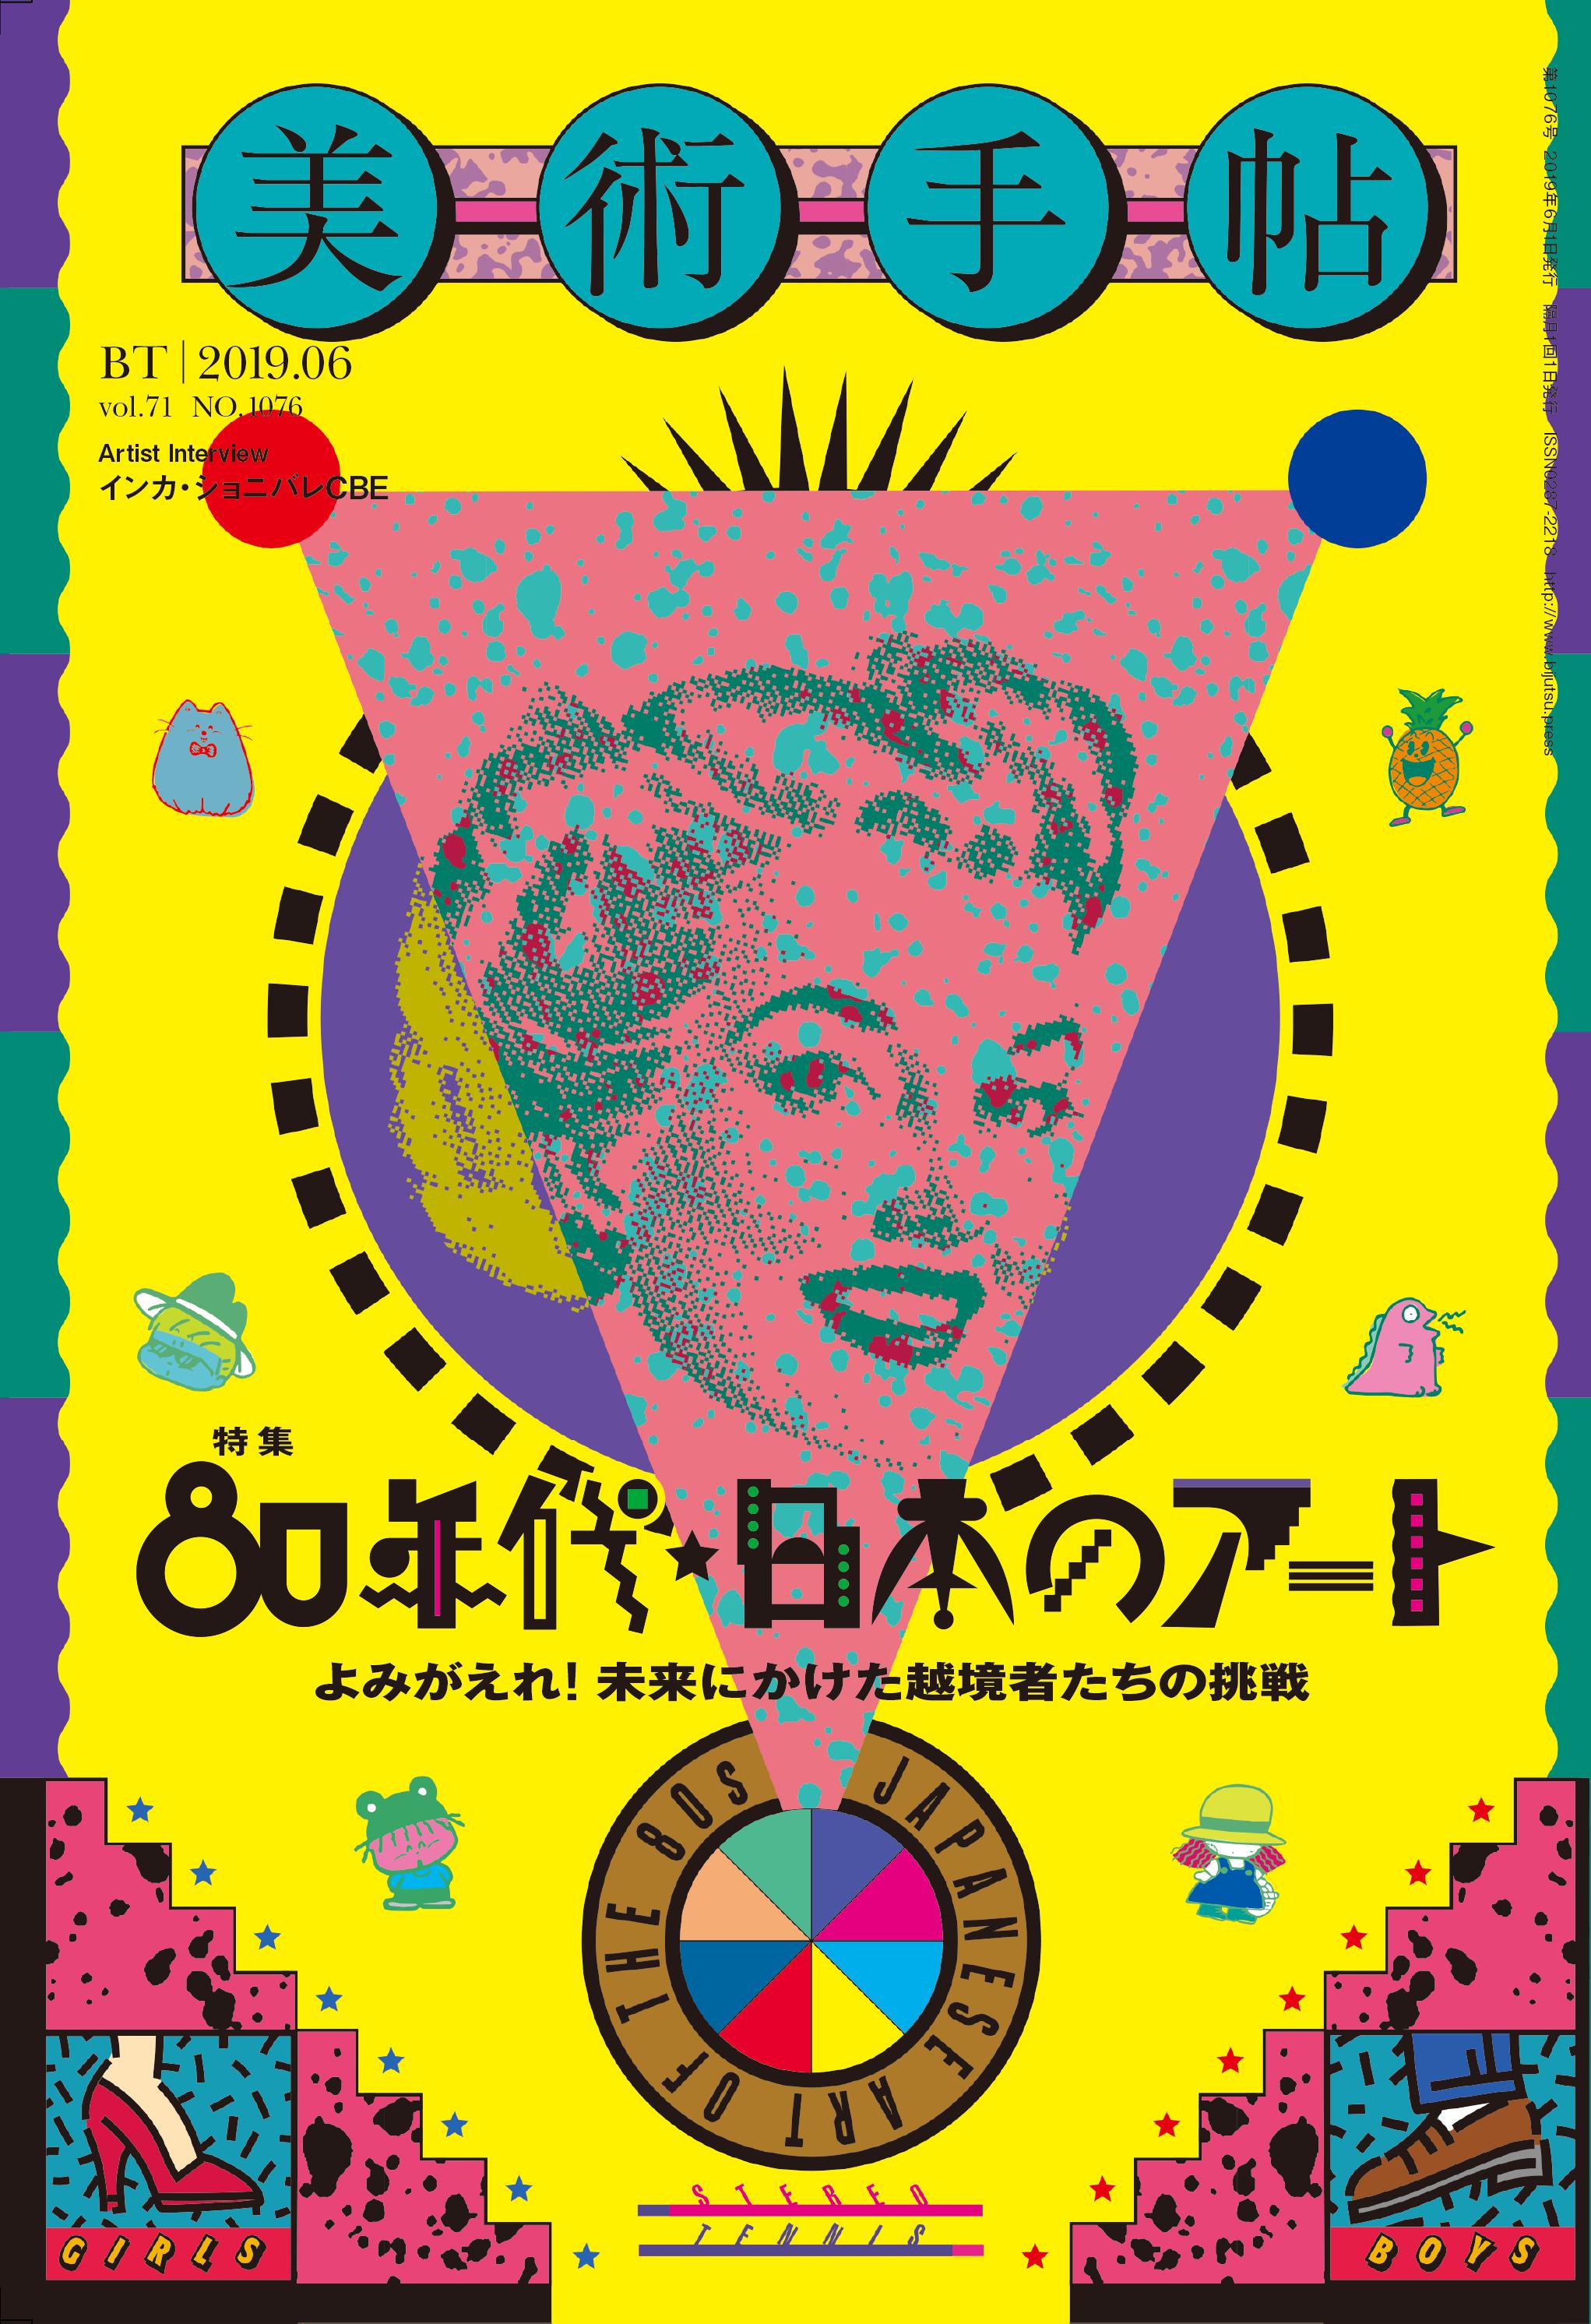 80年代とはなんだったのか? 『美術手帖』6月号は日本のエイティーズ ...